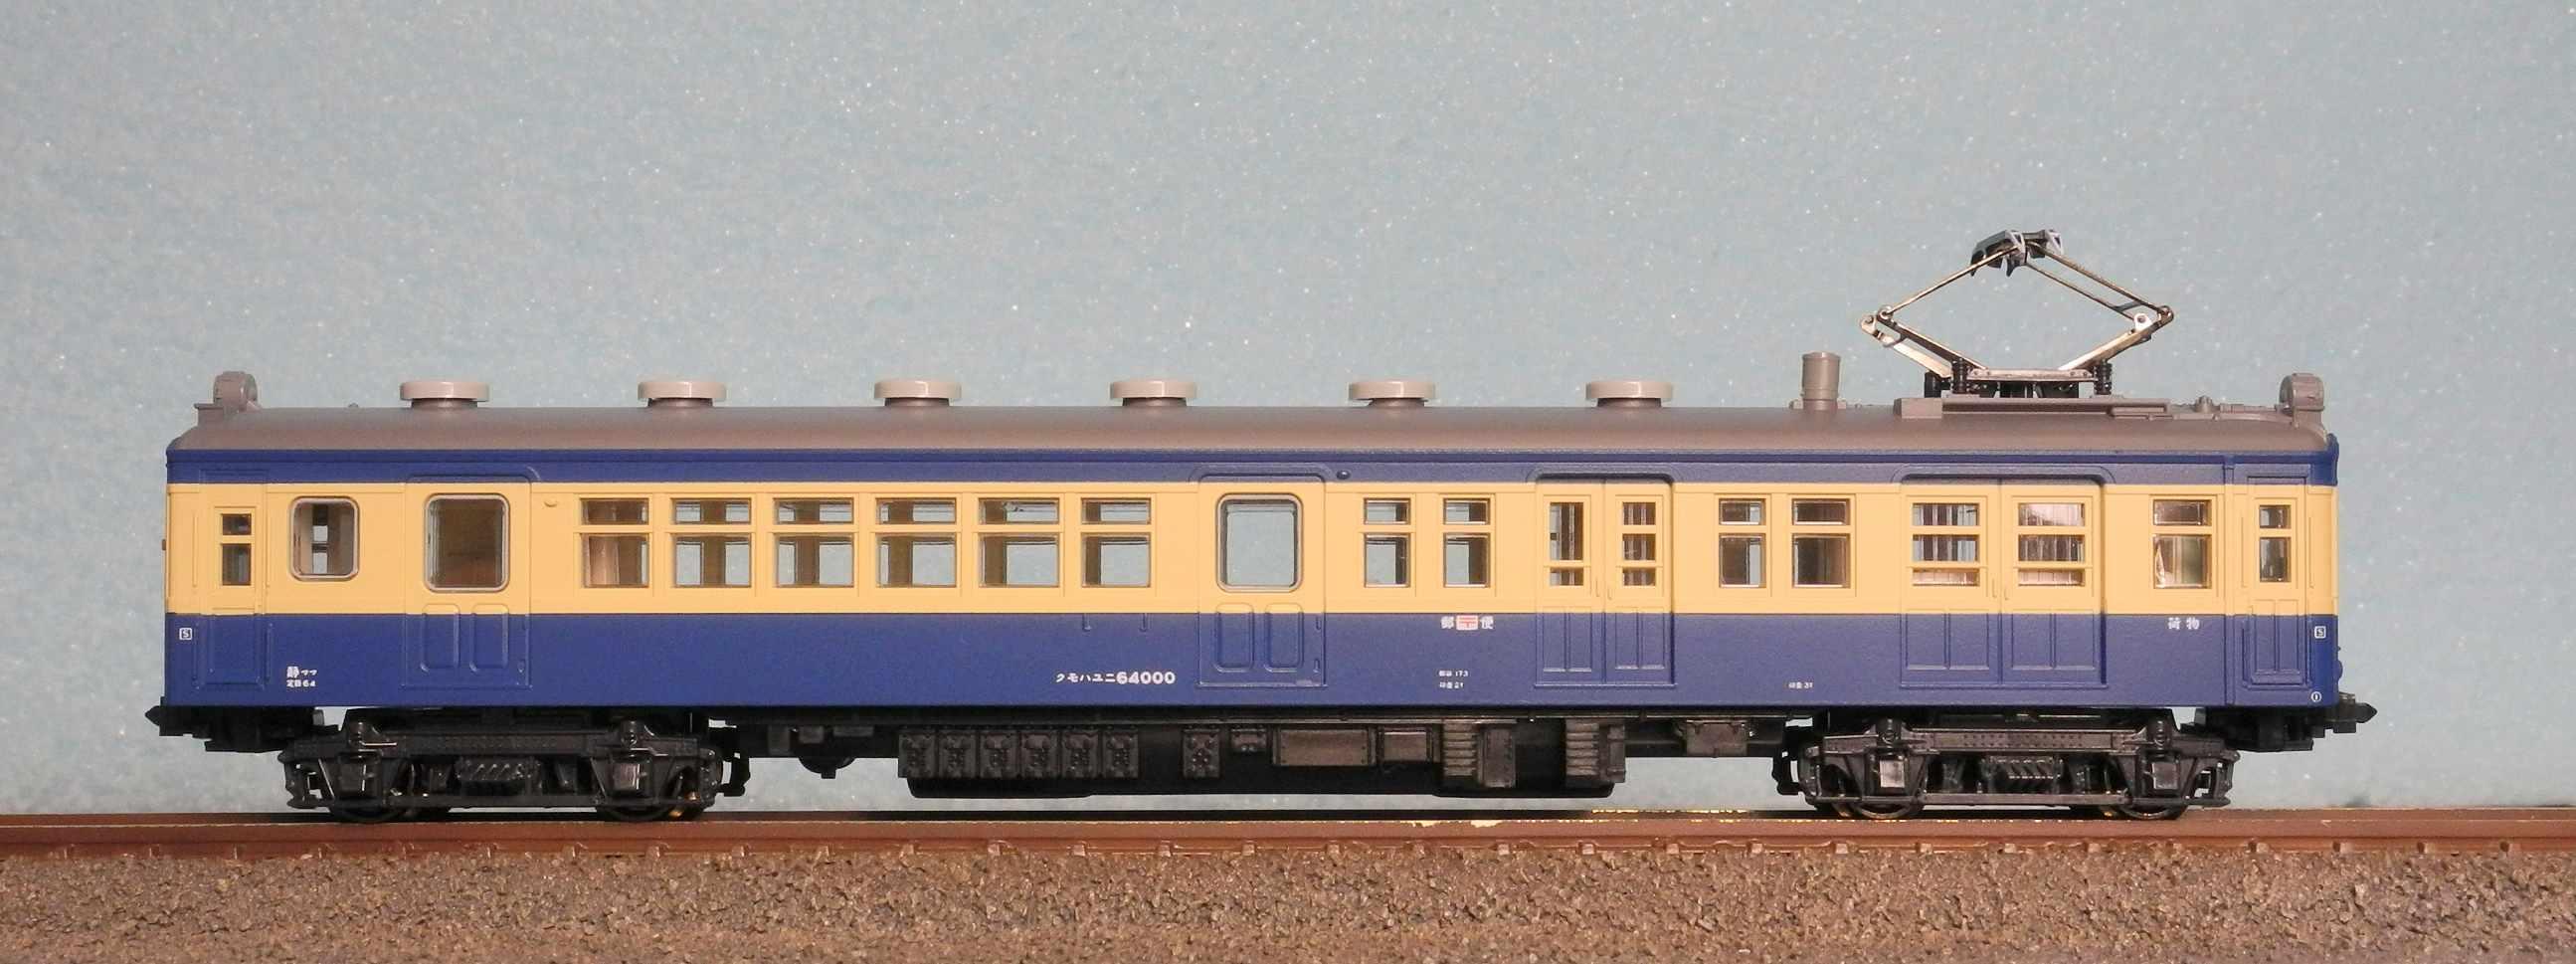 DSCN6159-1.jpg